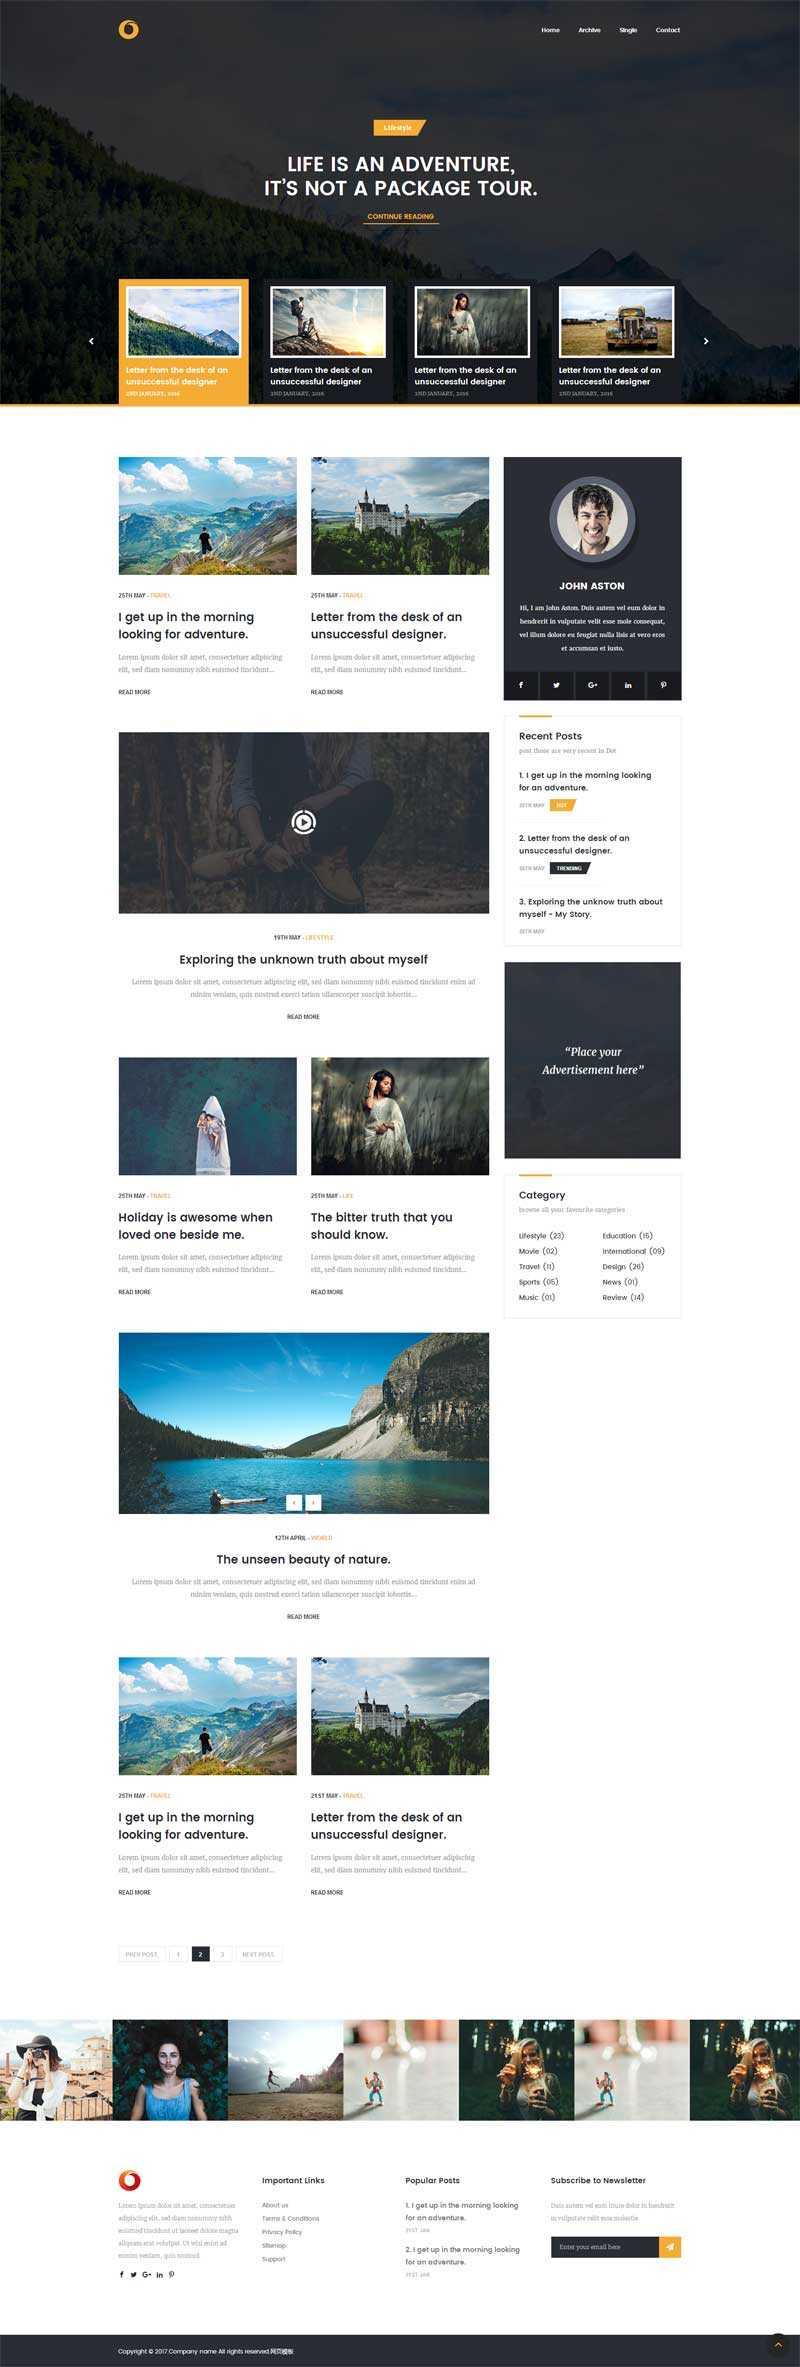 大气的生活旅行博客网站html5模板